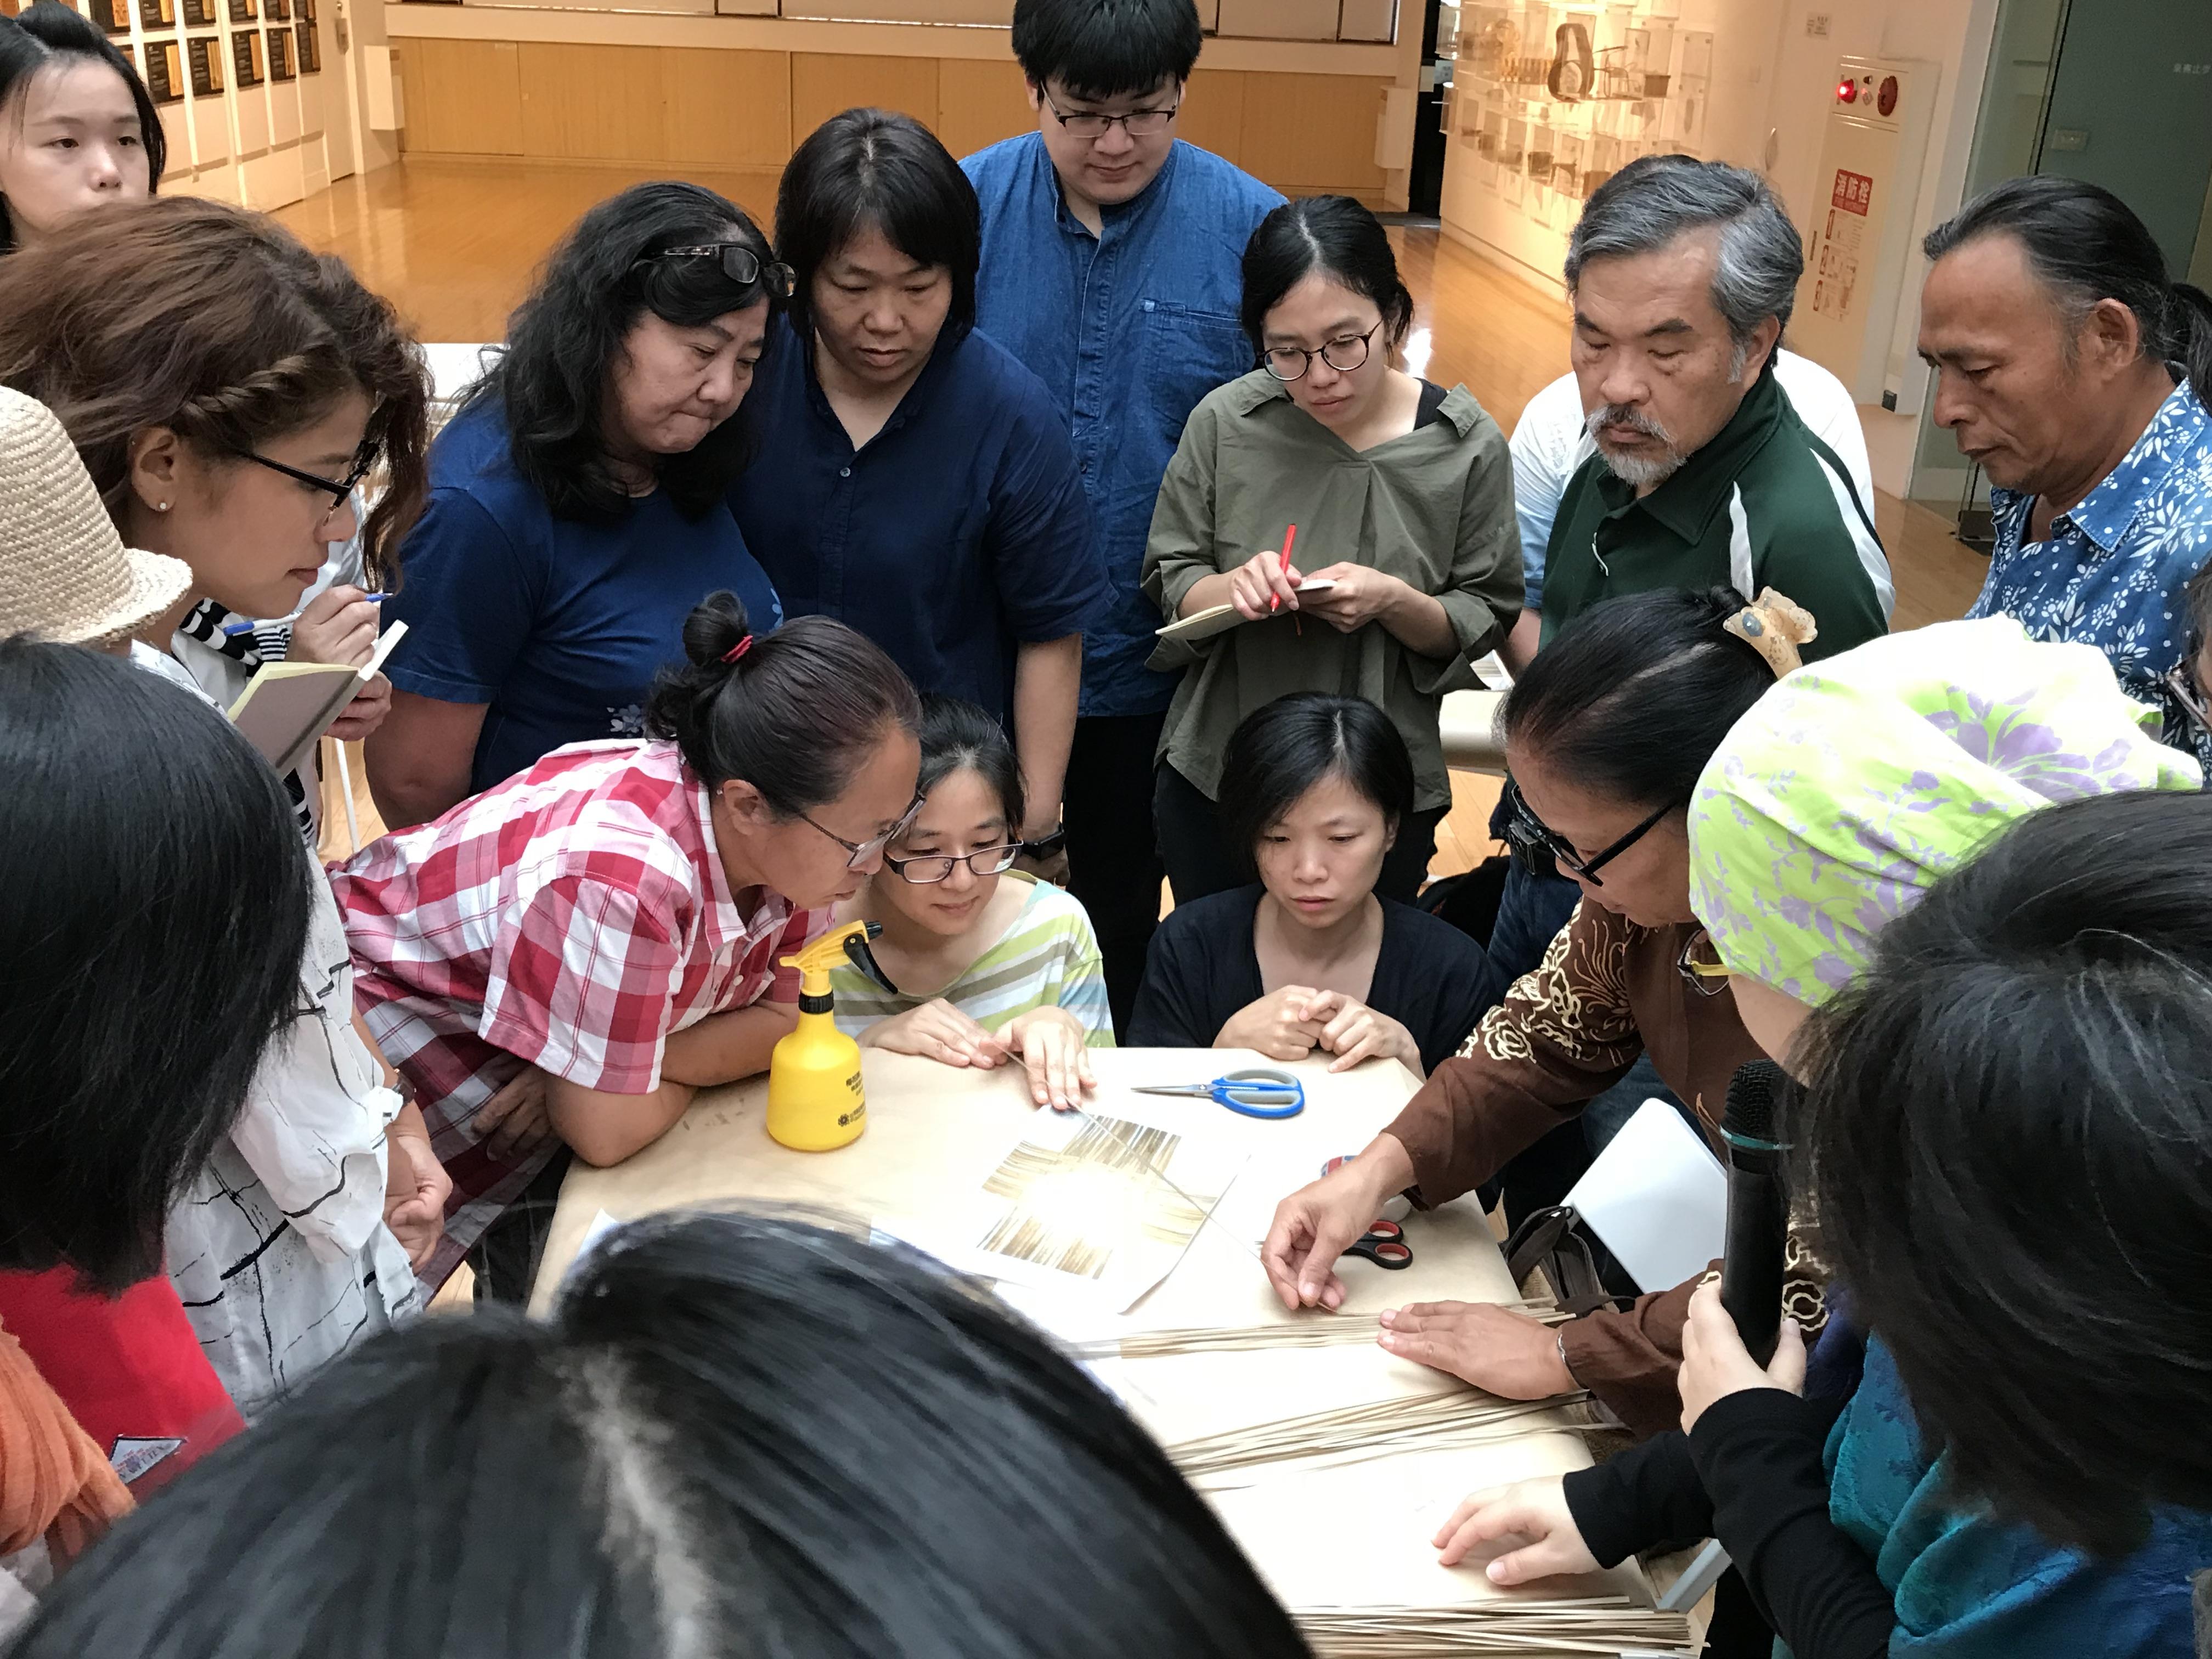 西亞沙勞越地區的伊班族編織藝術家Senia JUGI女士進行編籃教學